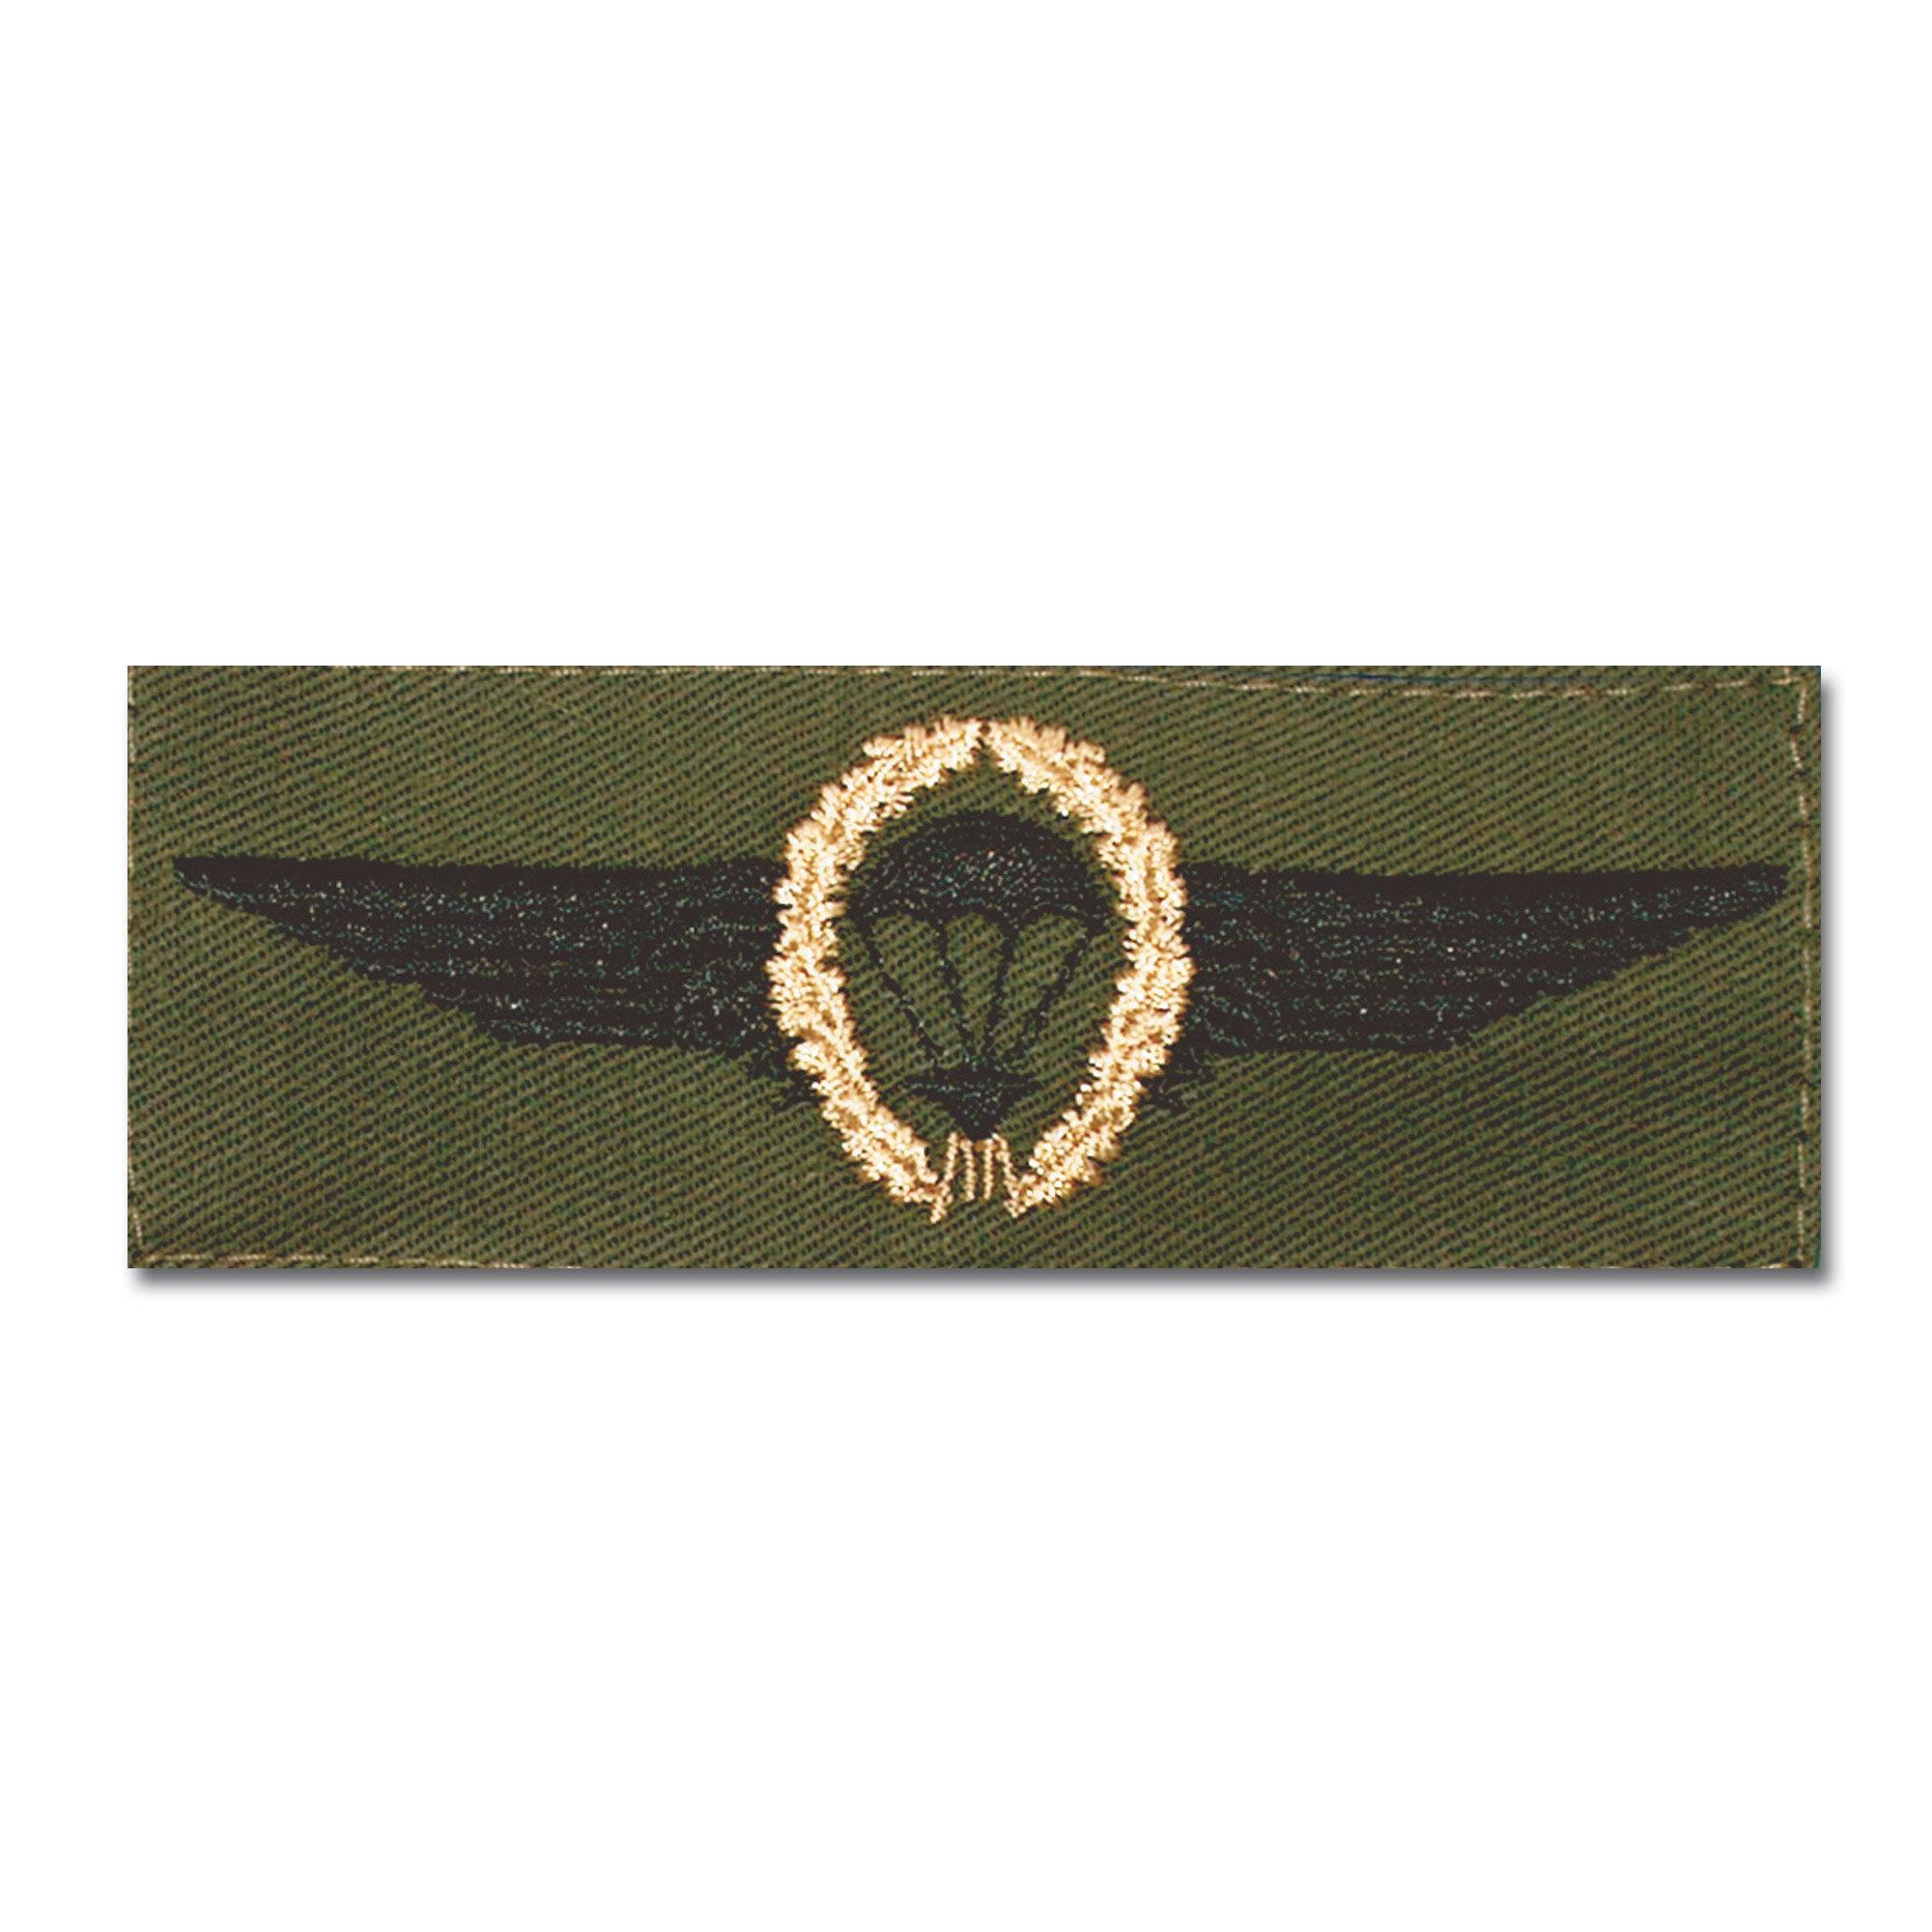 Insigne Fallschirmspringer BW bronze/vert olive